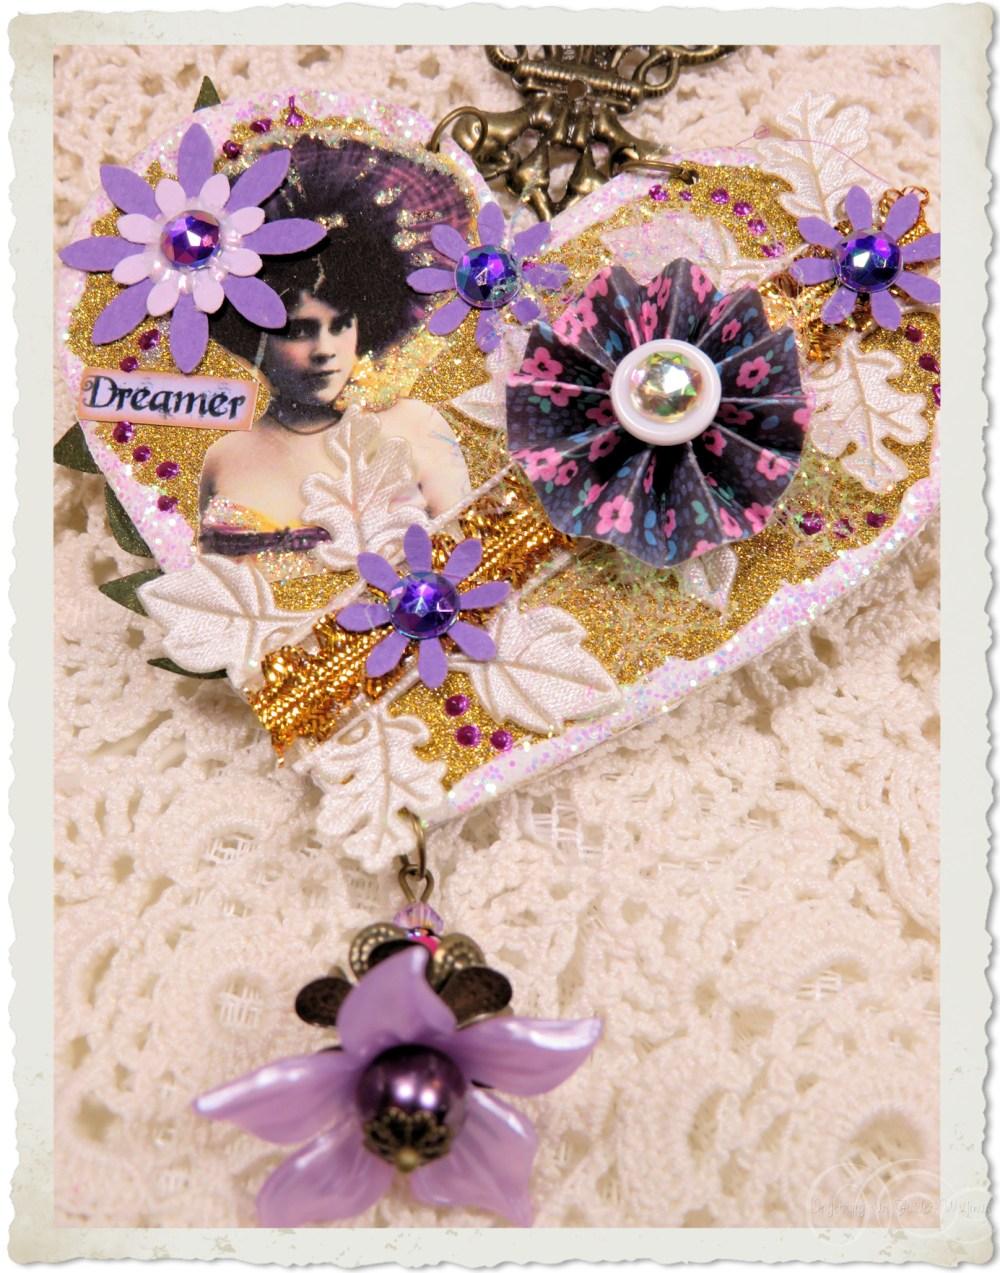 Dreamer purple heart